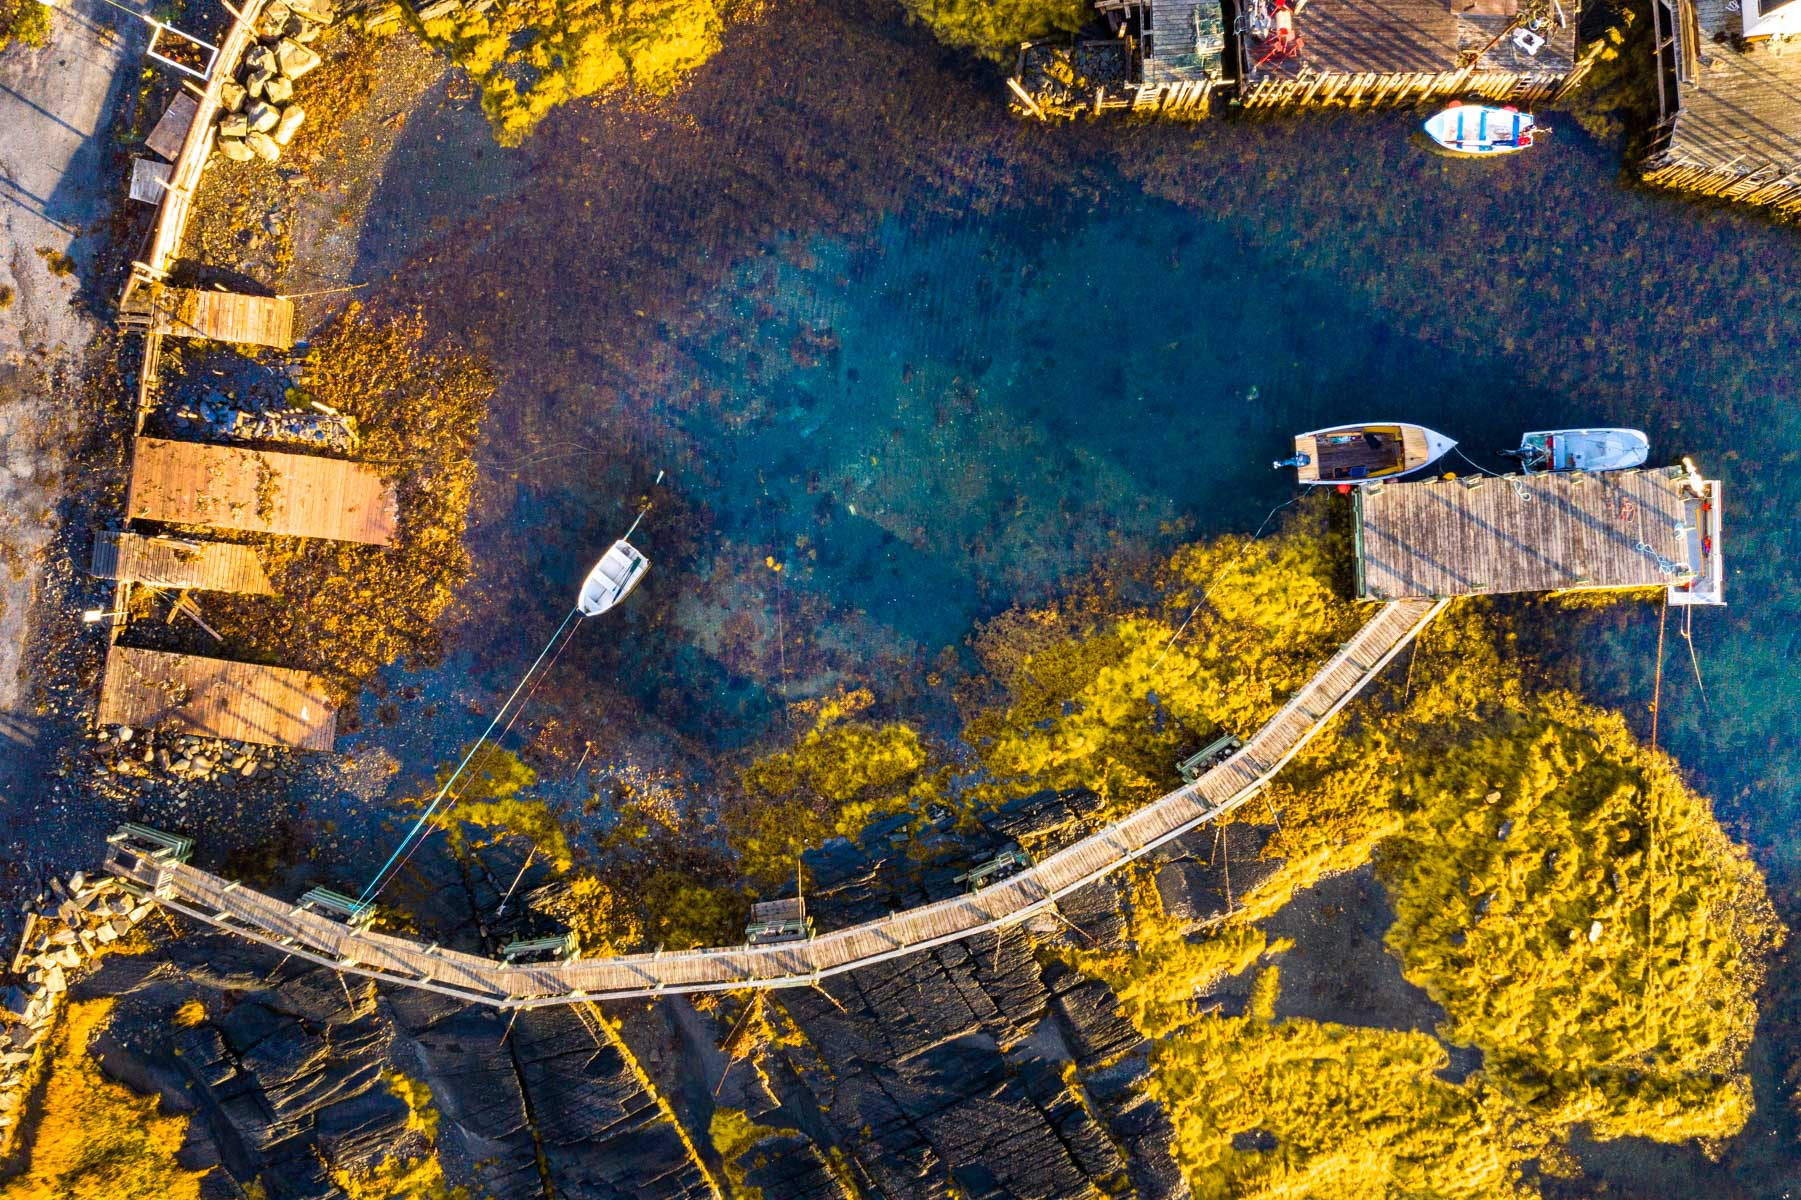 Blue Rocks Harbour straight up, Nova Scotia, Canada